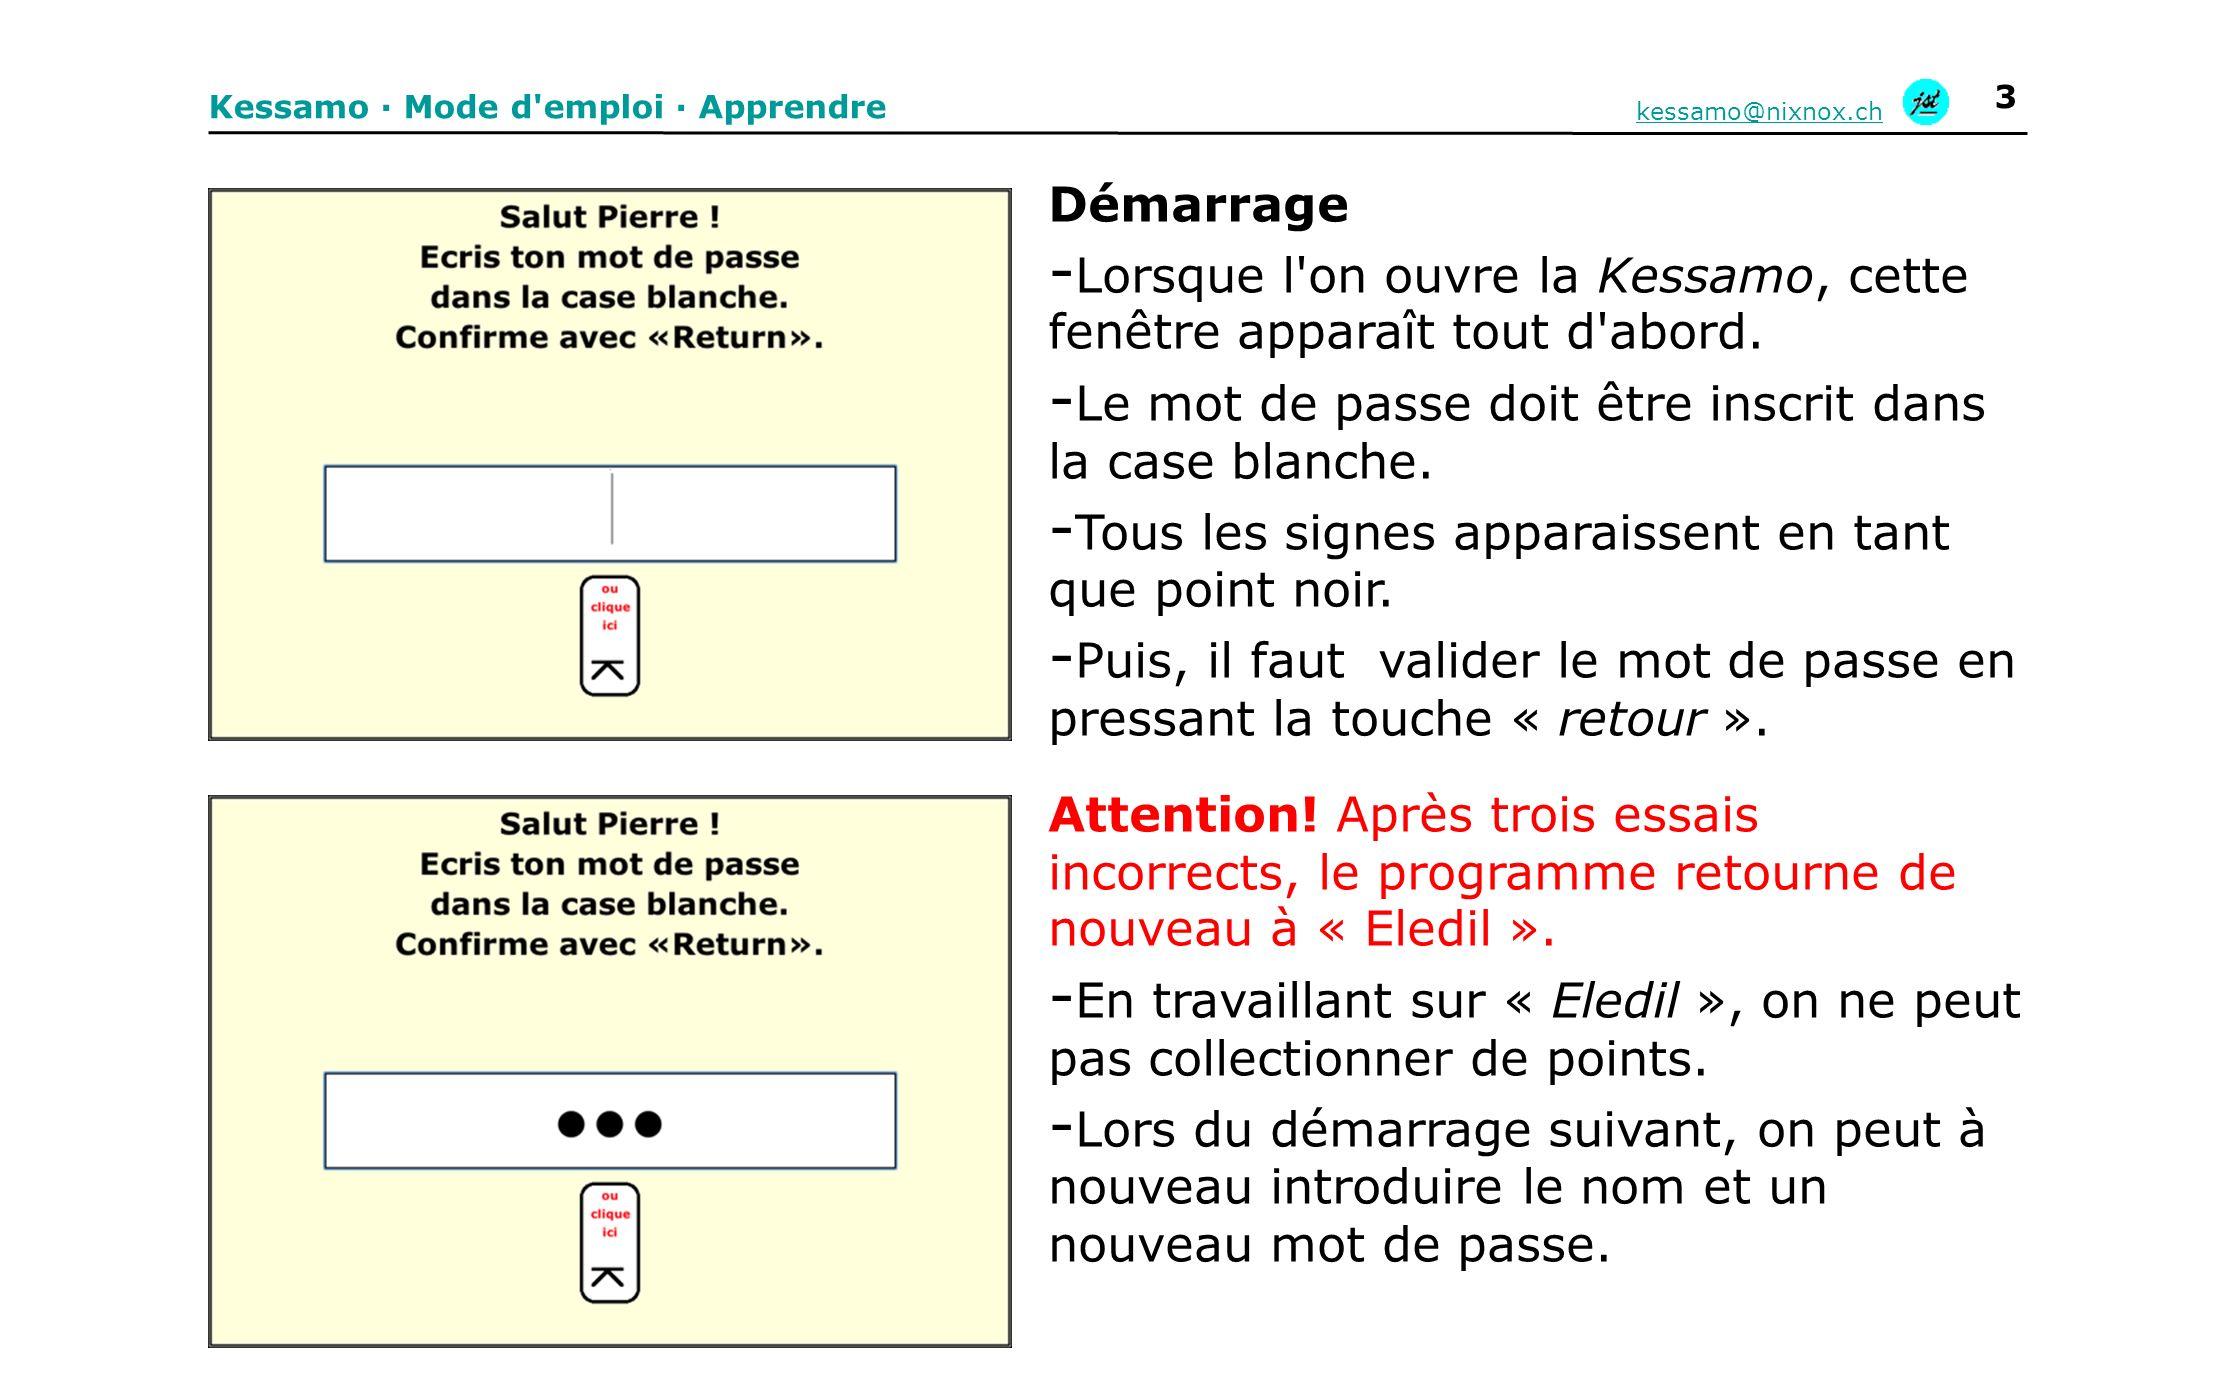 Kessamo · Mode d'emploi · Apprendre kessamo@nixnox.ch 3 Démarrage - Lorsque l'on ouvre la Kessamo, cette fenêtre apparaît tout d'abord. - Le mot de pa